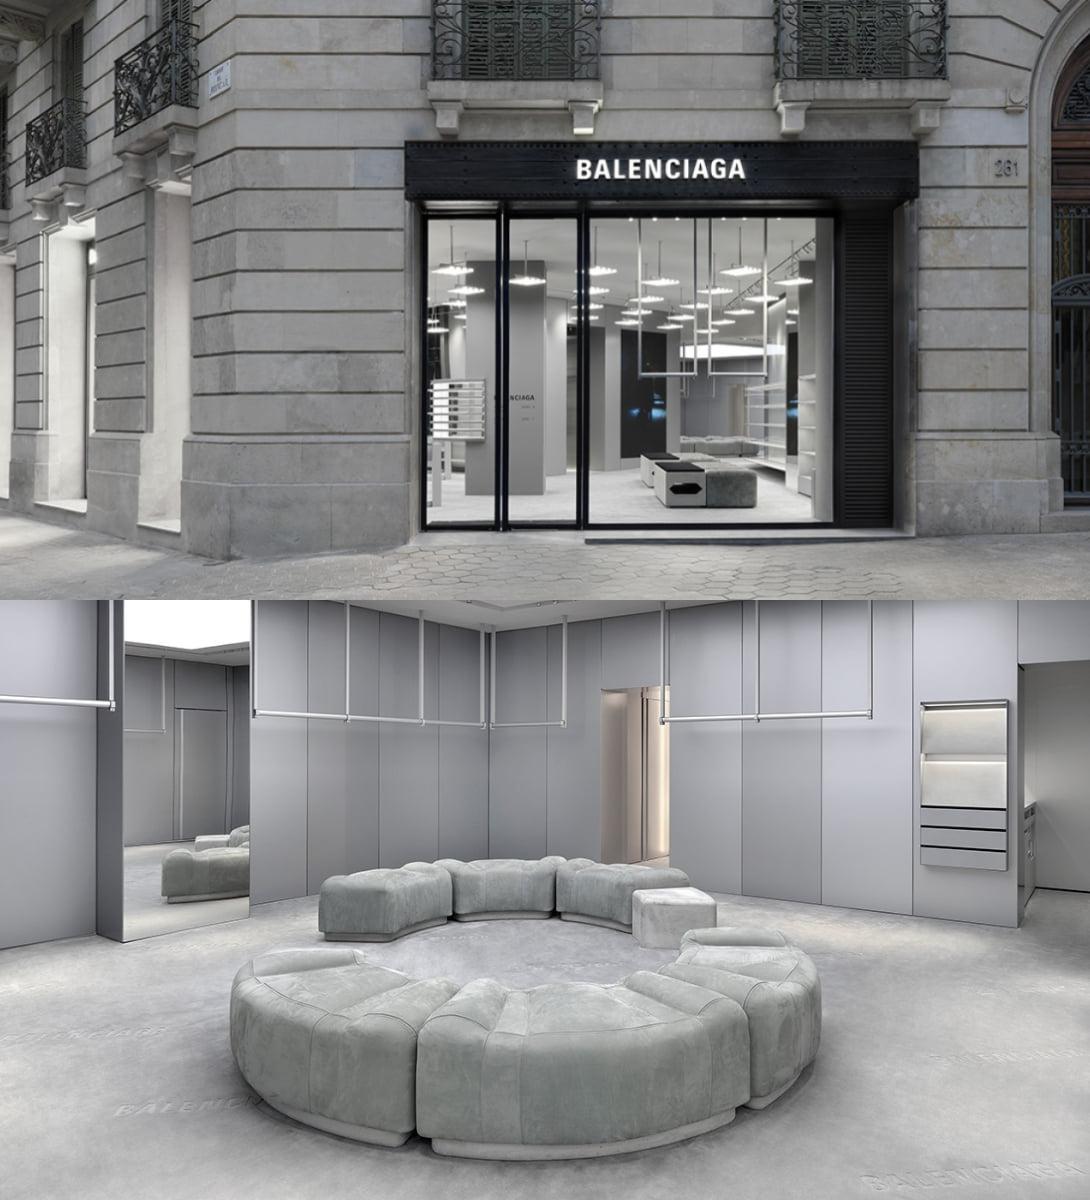 ბალენსიაგას რიგით 72-ე მაღაზია ბარსელონაში გაიხსნა